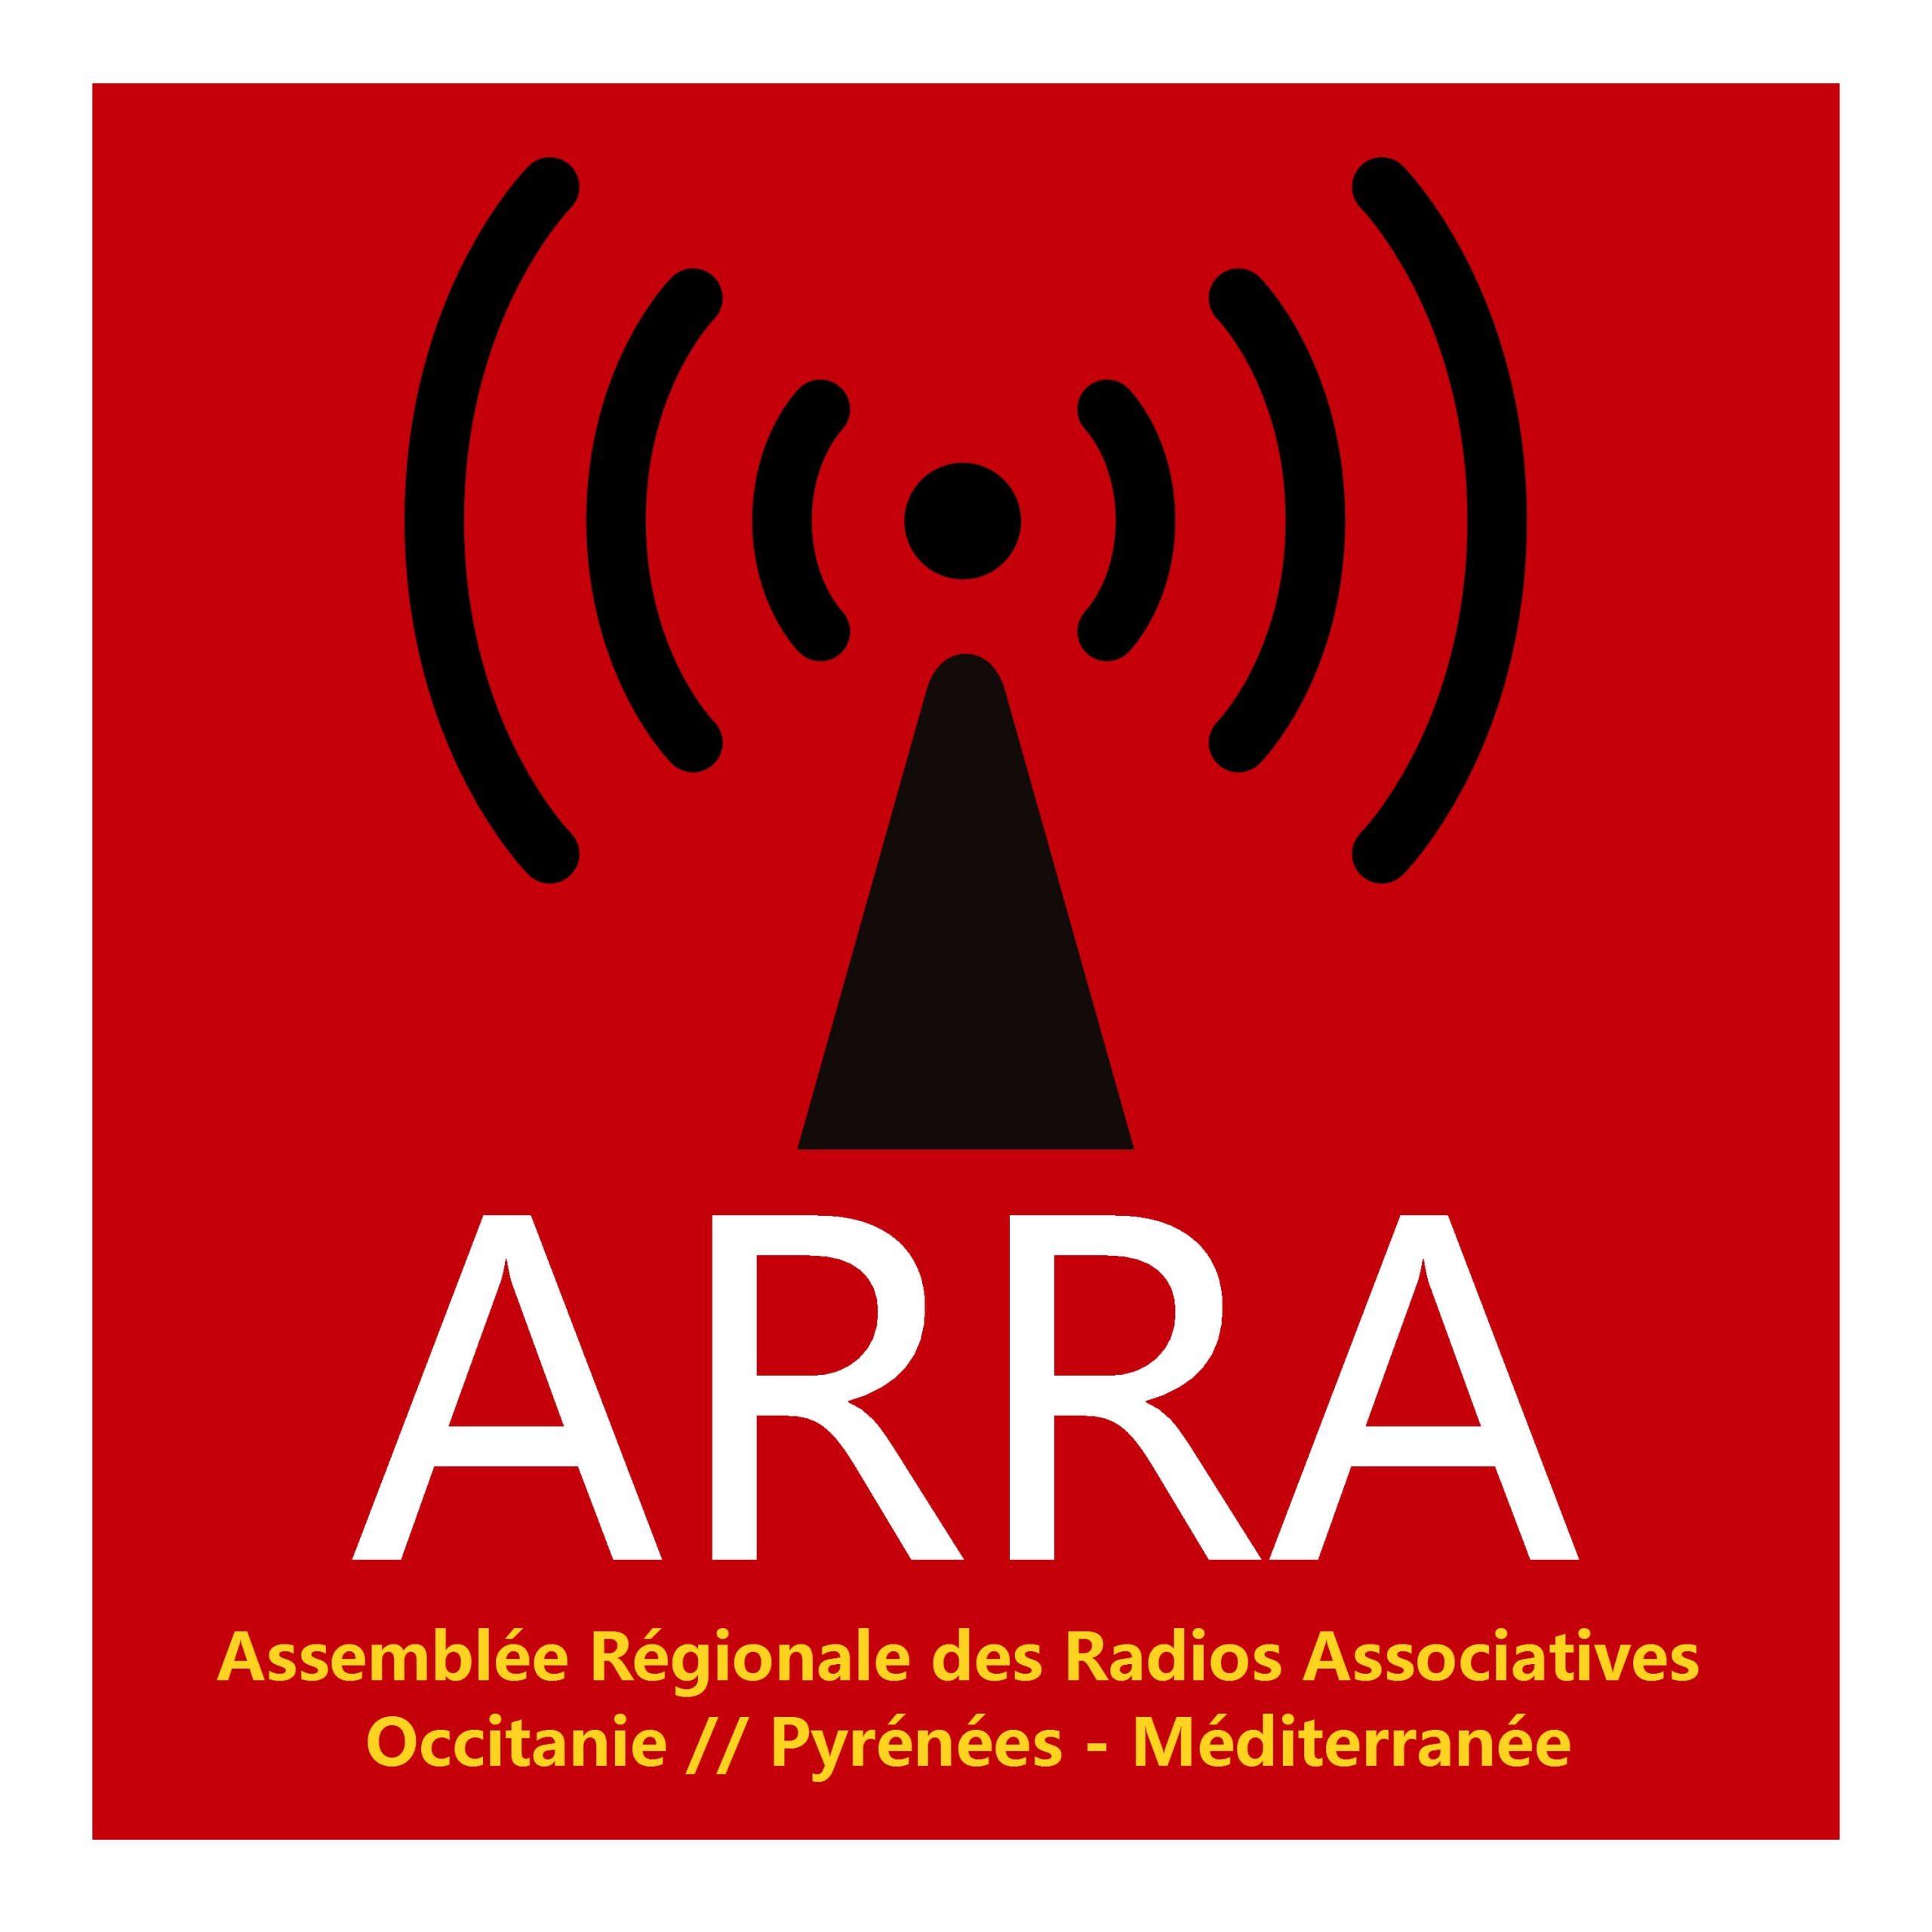 Radio Galaxie 98.5 FM - Membre du réseau ARRA